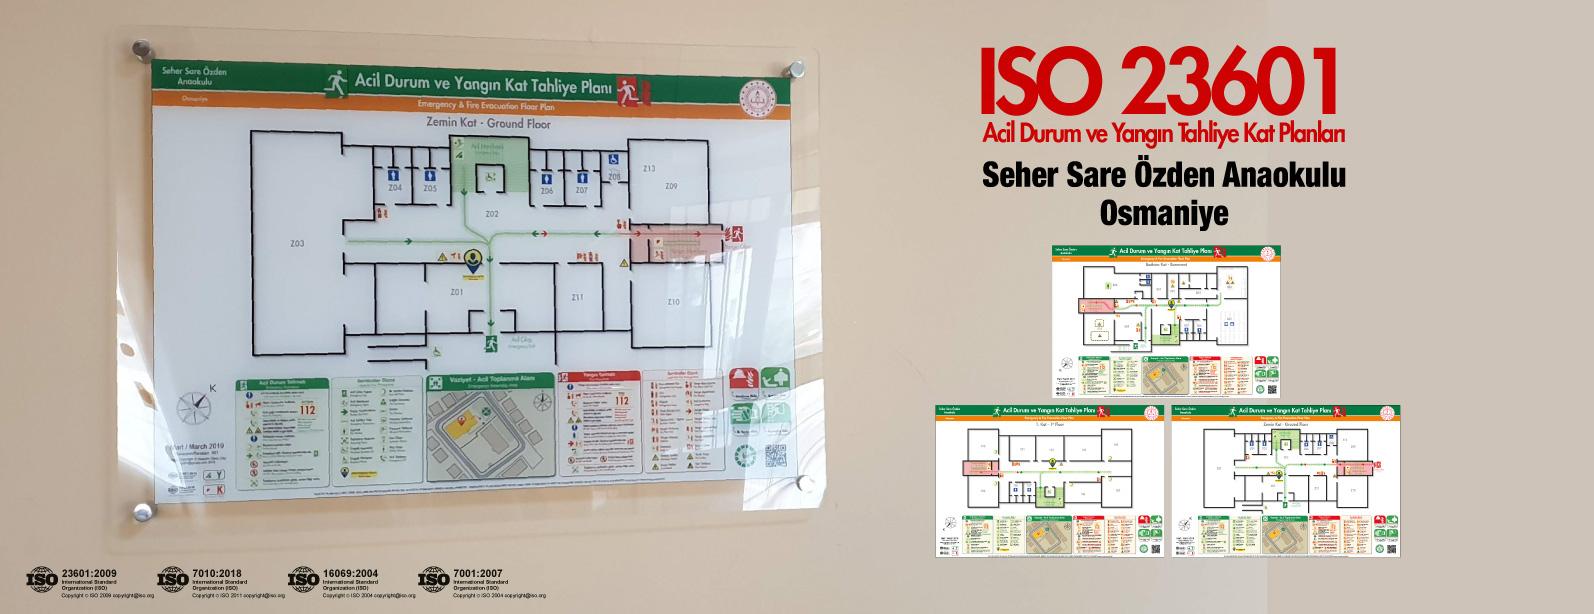 osmaniye-seher-sare-ozden-anaokulu ISO23601 Acil Durum ve Yangin Tahliye Kat Plani Pleksi